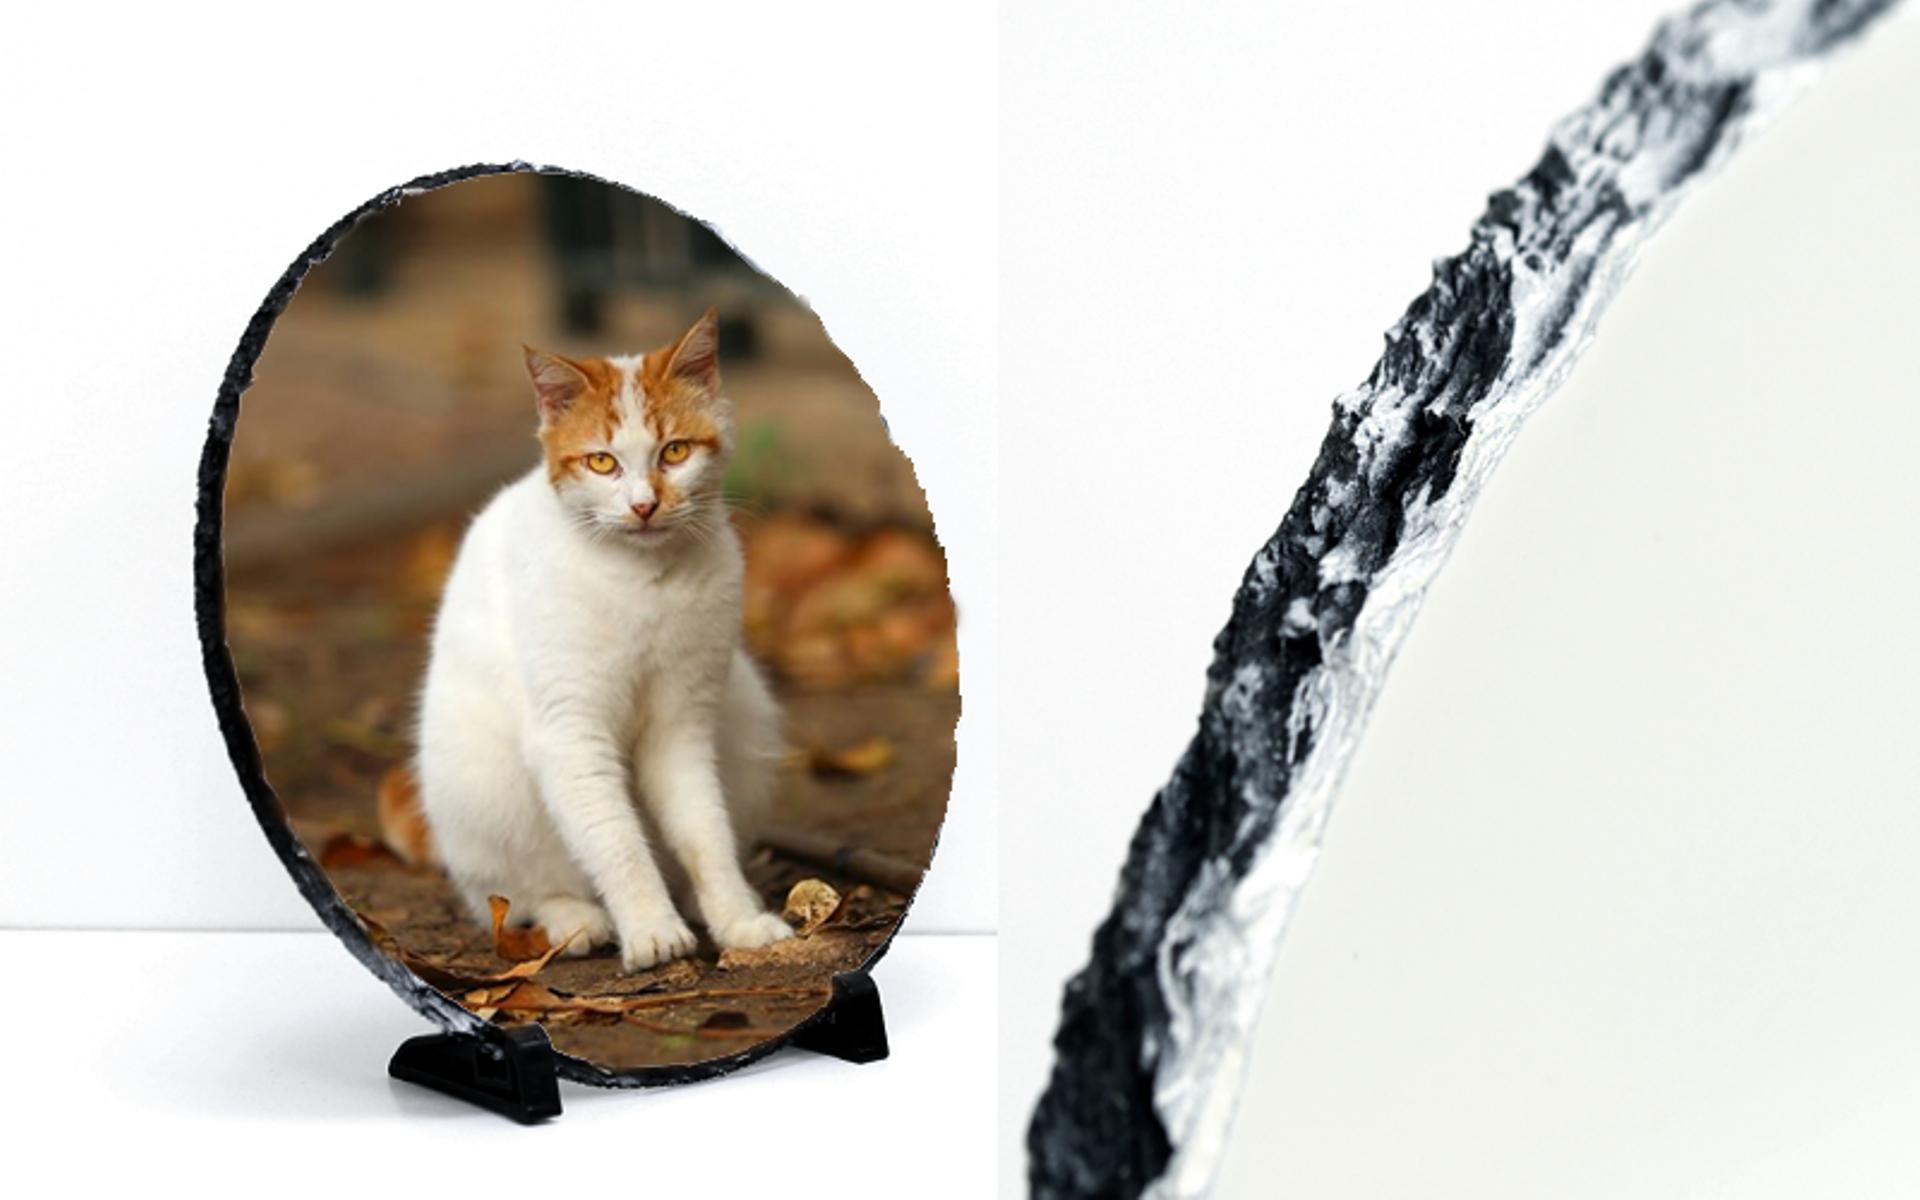 מגן עיגול איכותי מאבן בזלת יוקרתי  עם תמונה באיכות פוטו גודל ענק  28 ס